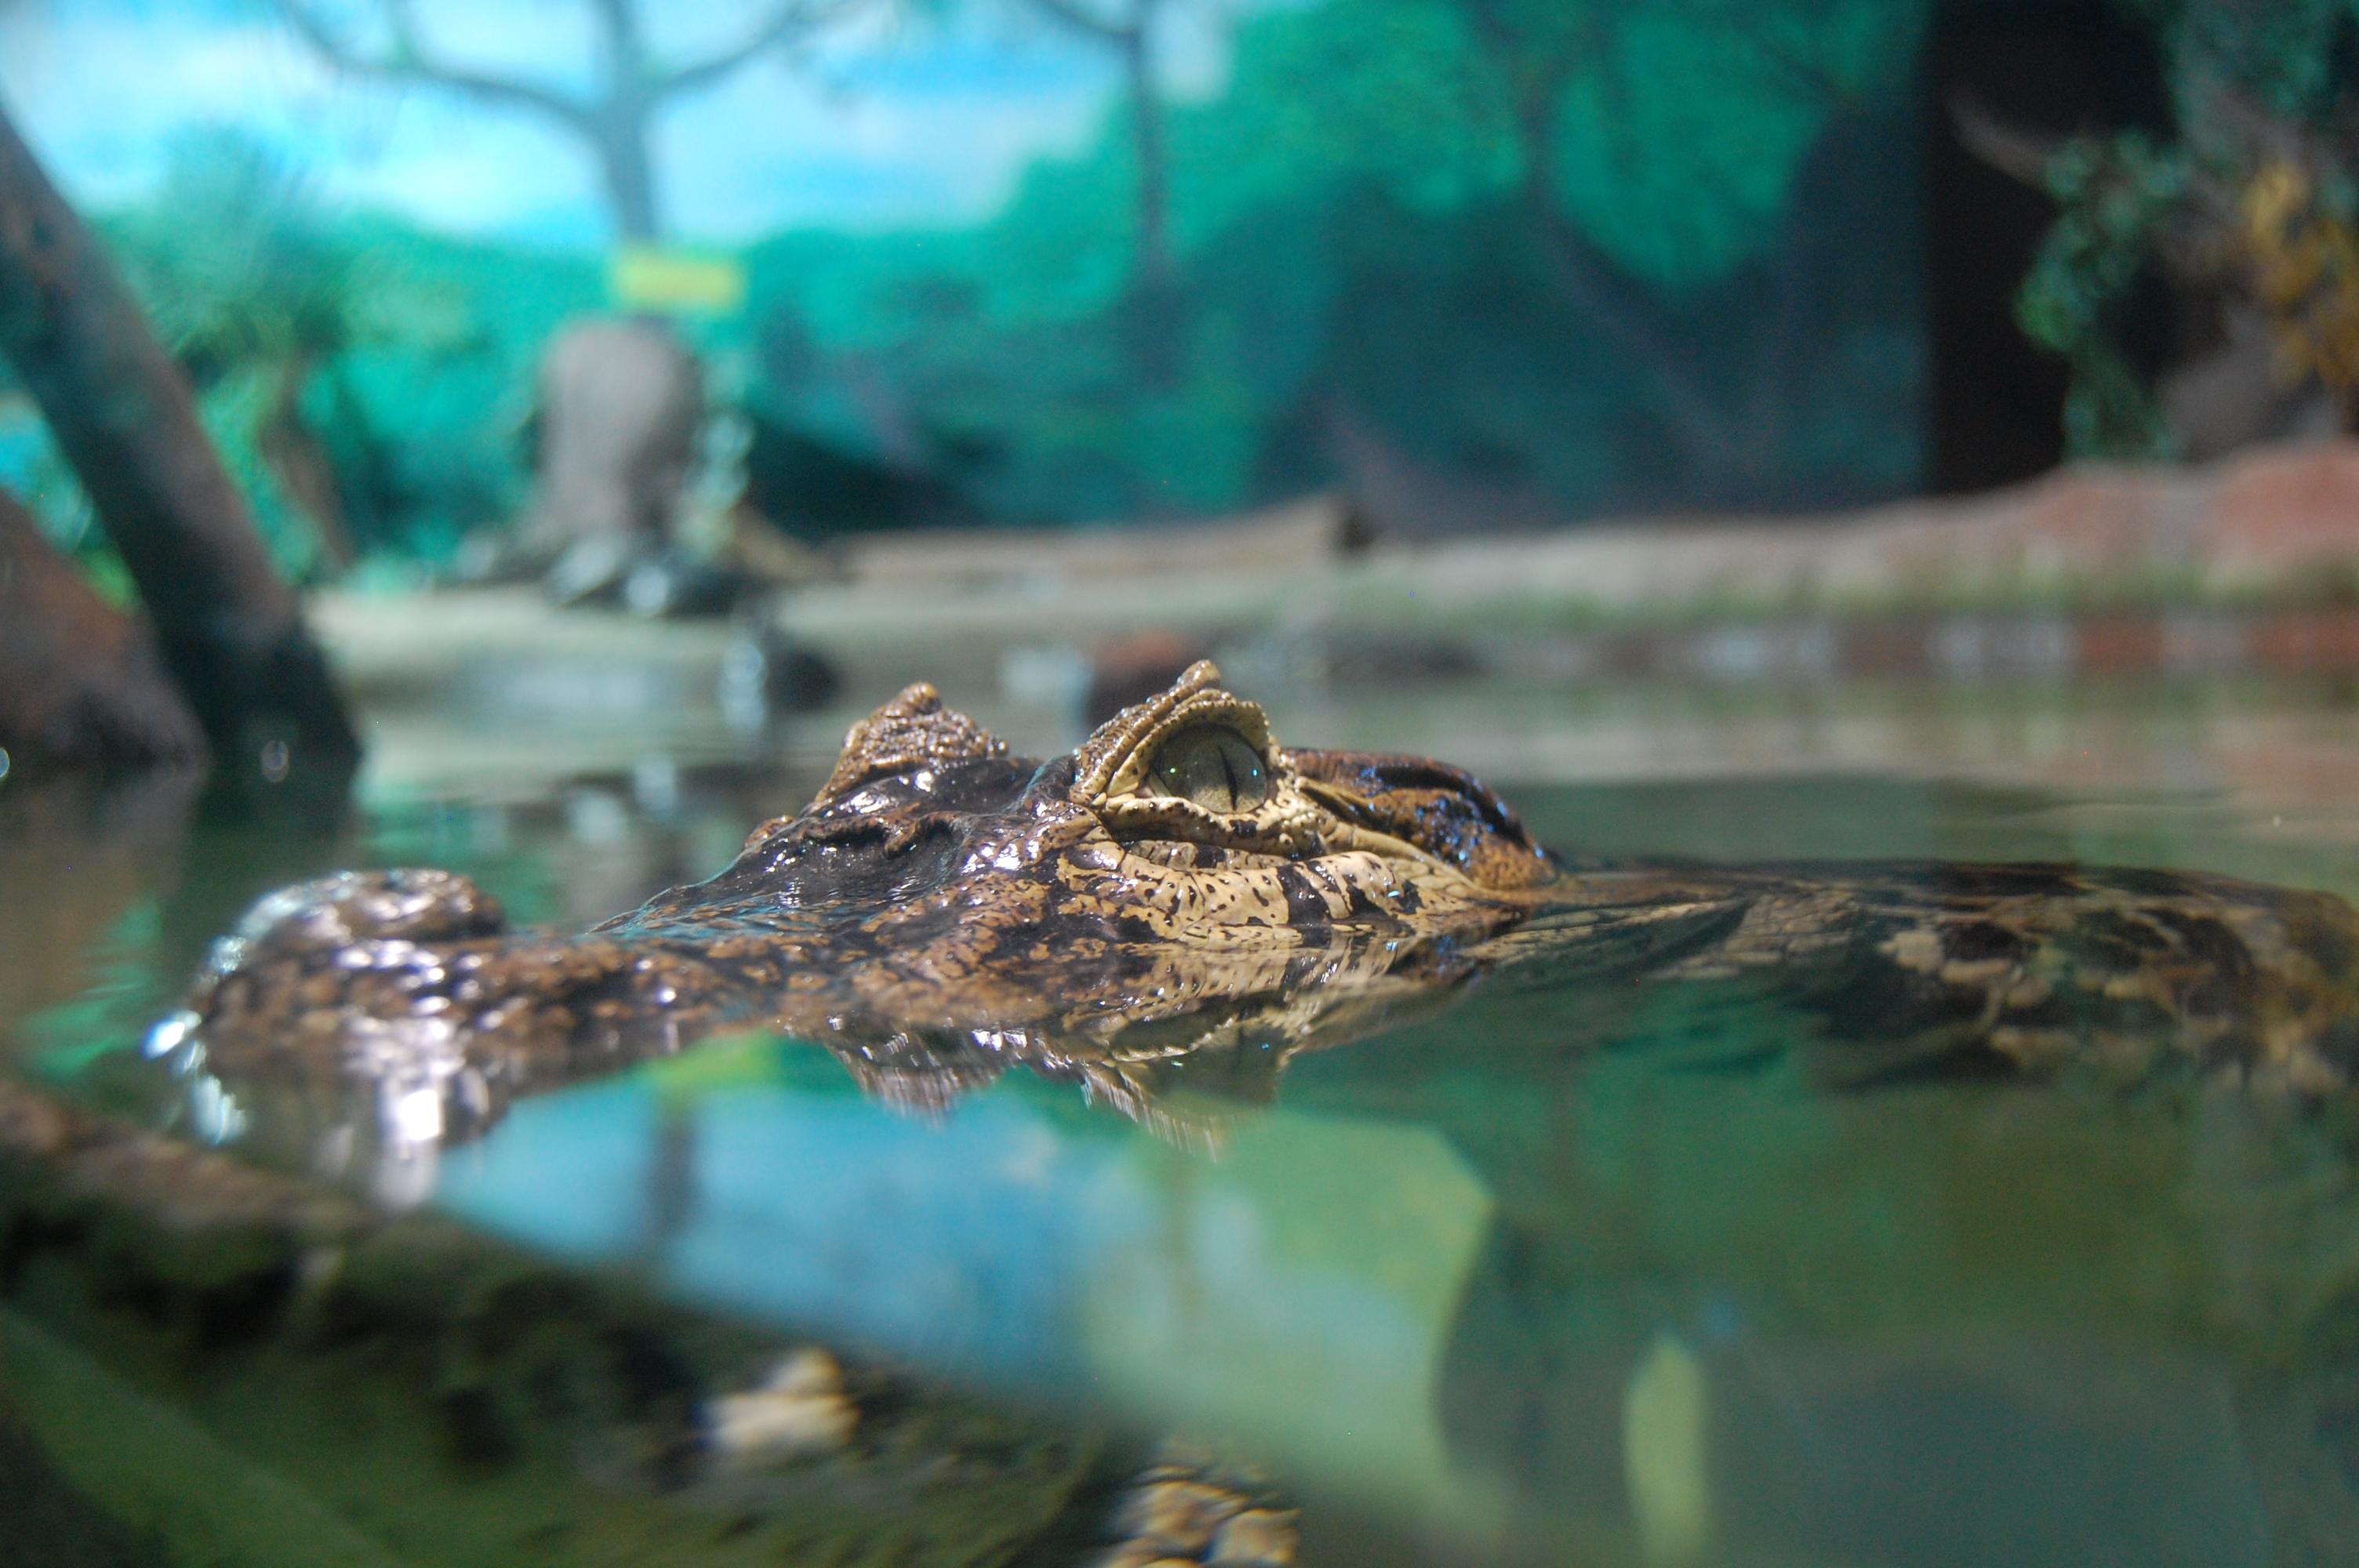 Aquario de Sao Paulo Flickr - Photo Sharing!